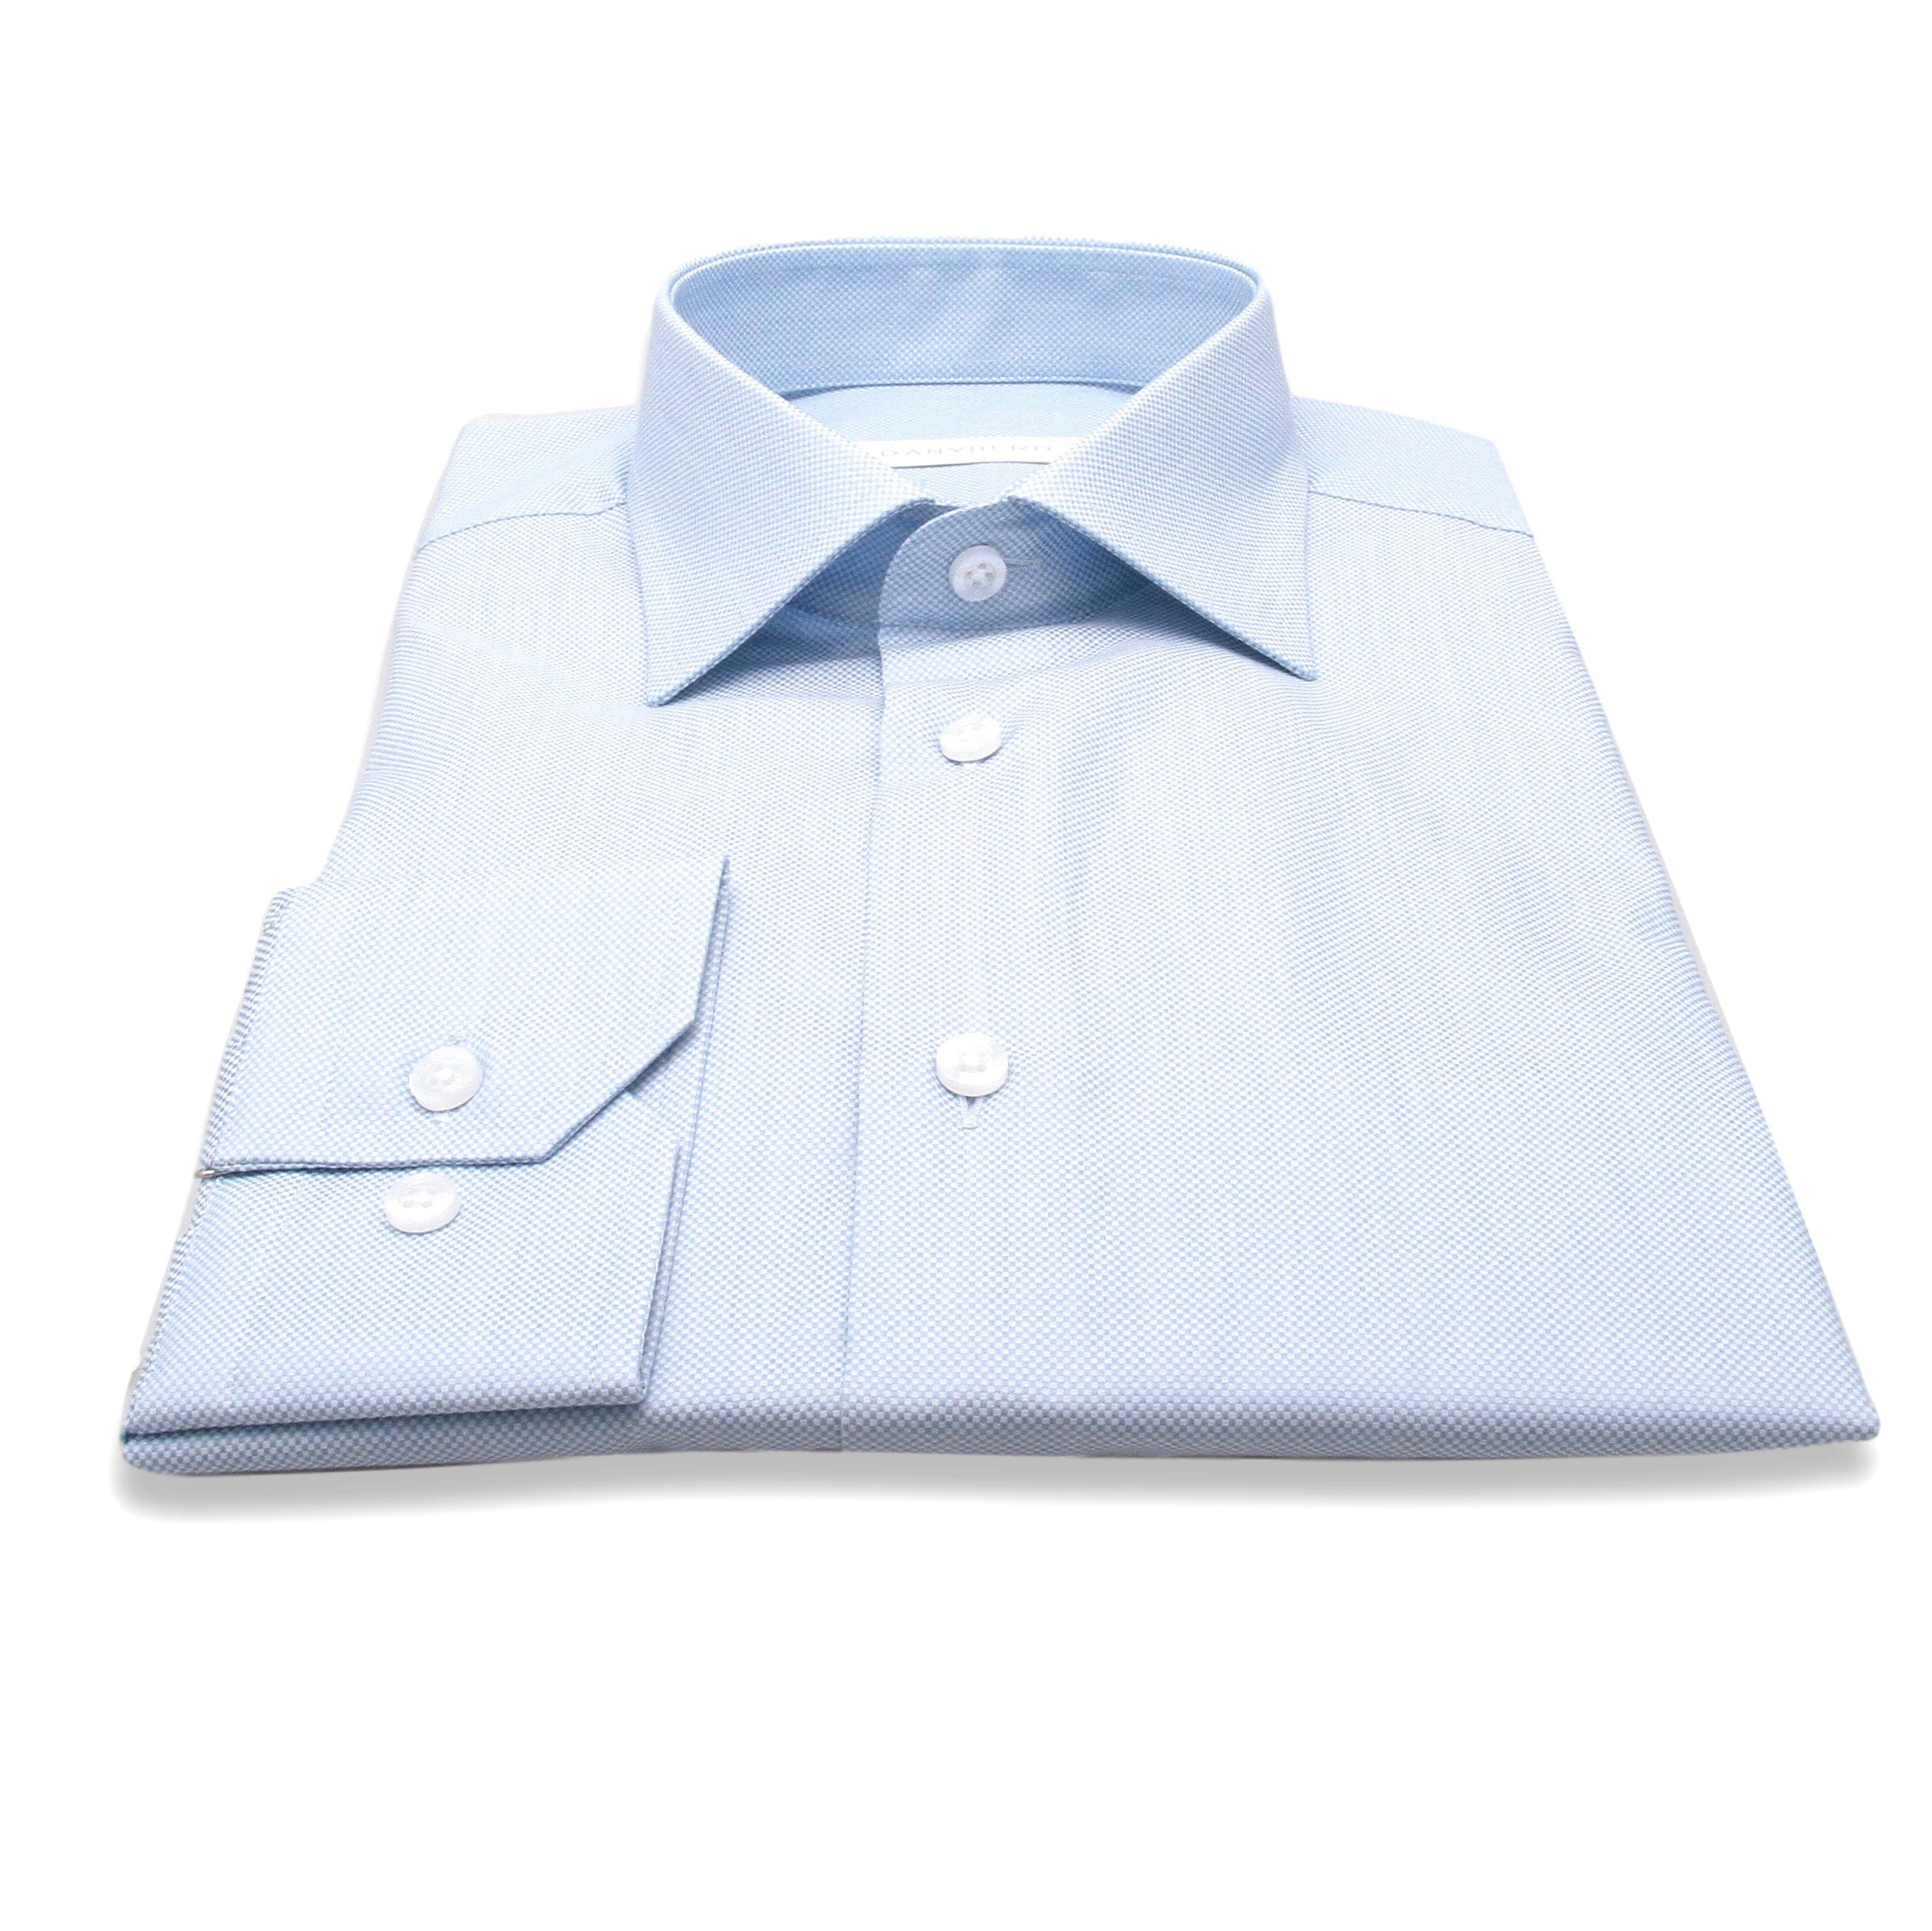 Chemise Nelson : Bleu - Coton Natté - Col français (chemise)